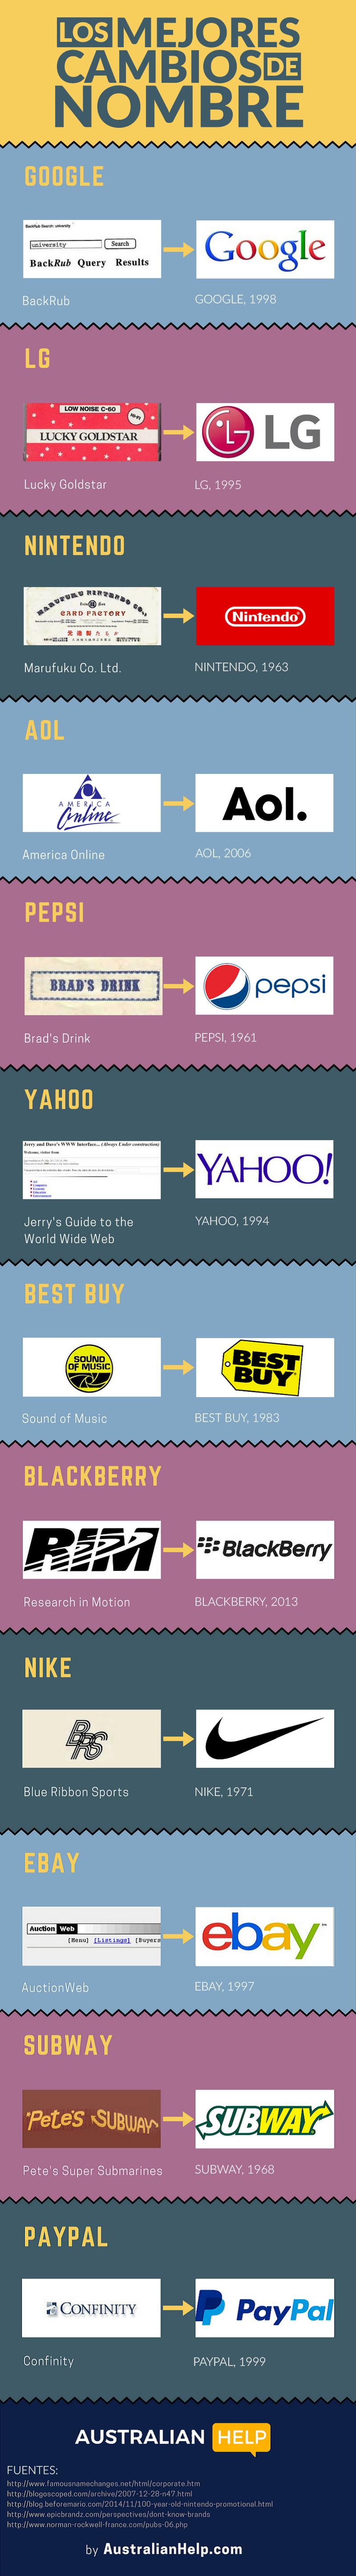 Los mejores cambios de nombre de empresas